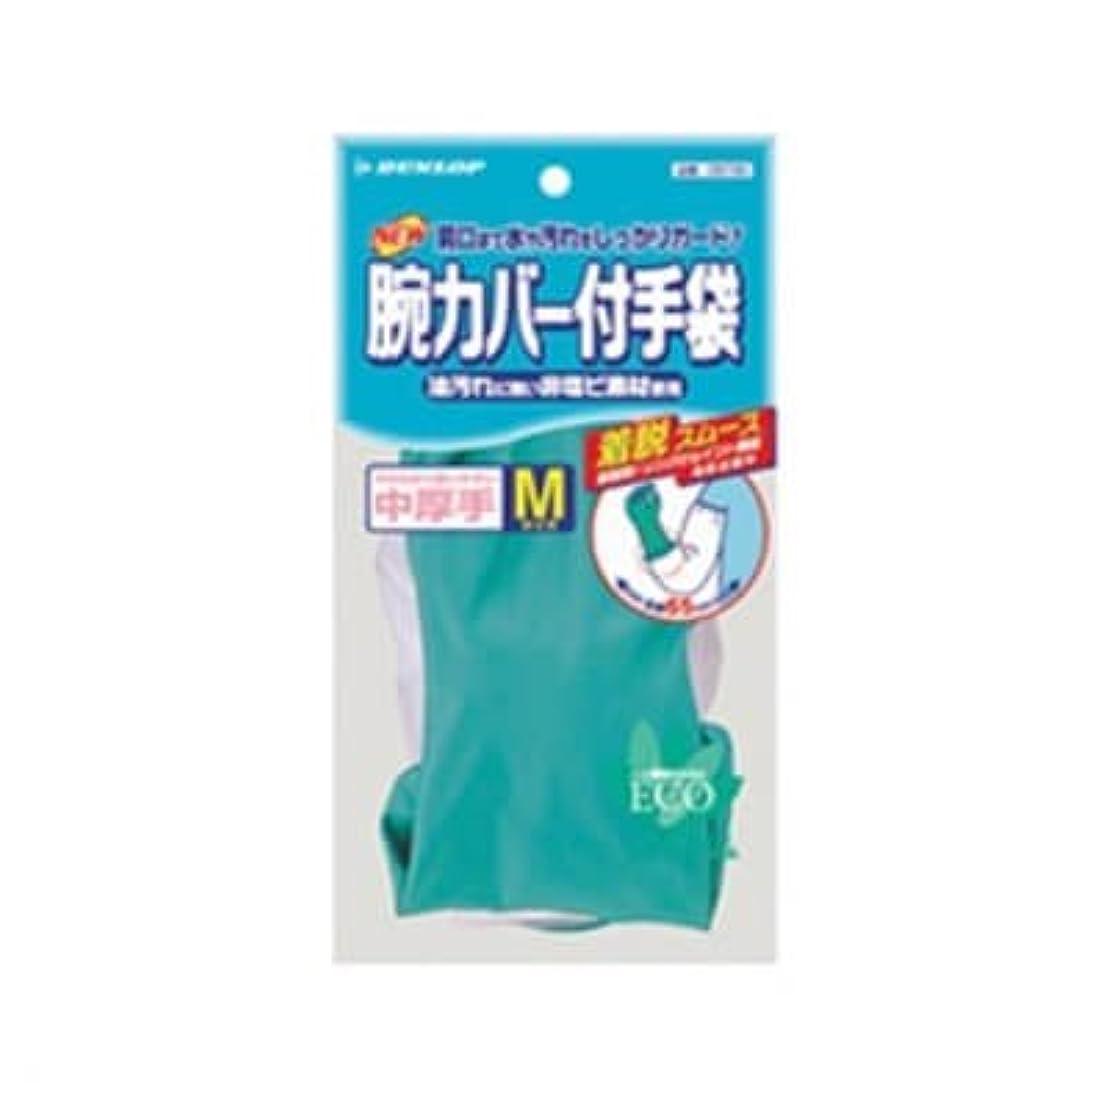 教育勝利した期限【ケース販売】 ダンロップ ニトリル中厚手 腕カバー付手袋 M グリーン (5双×12袋)